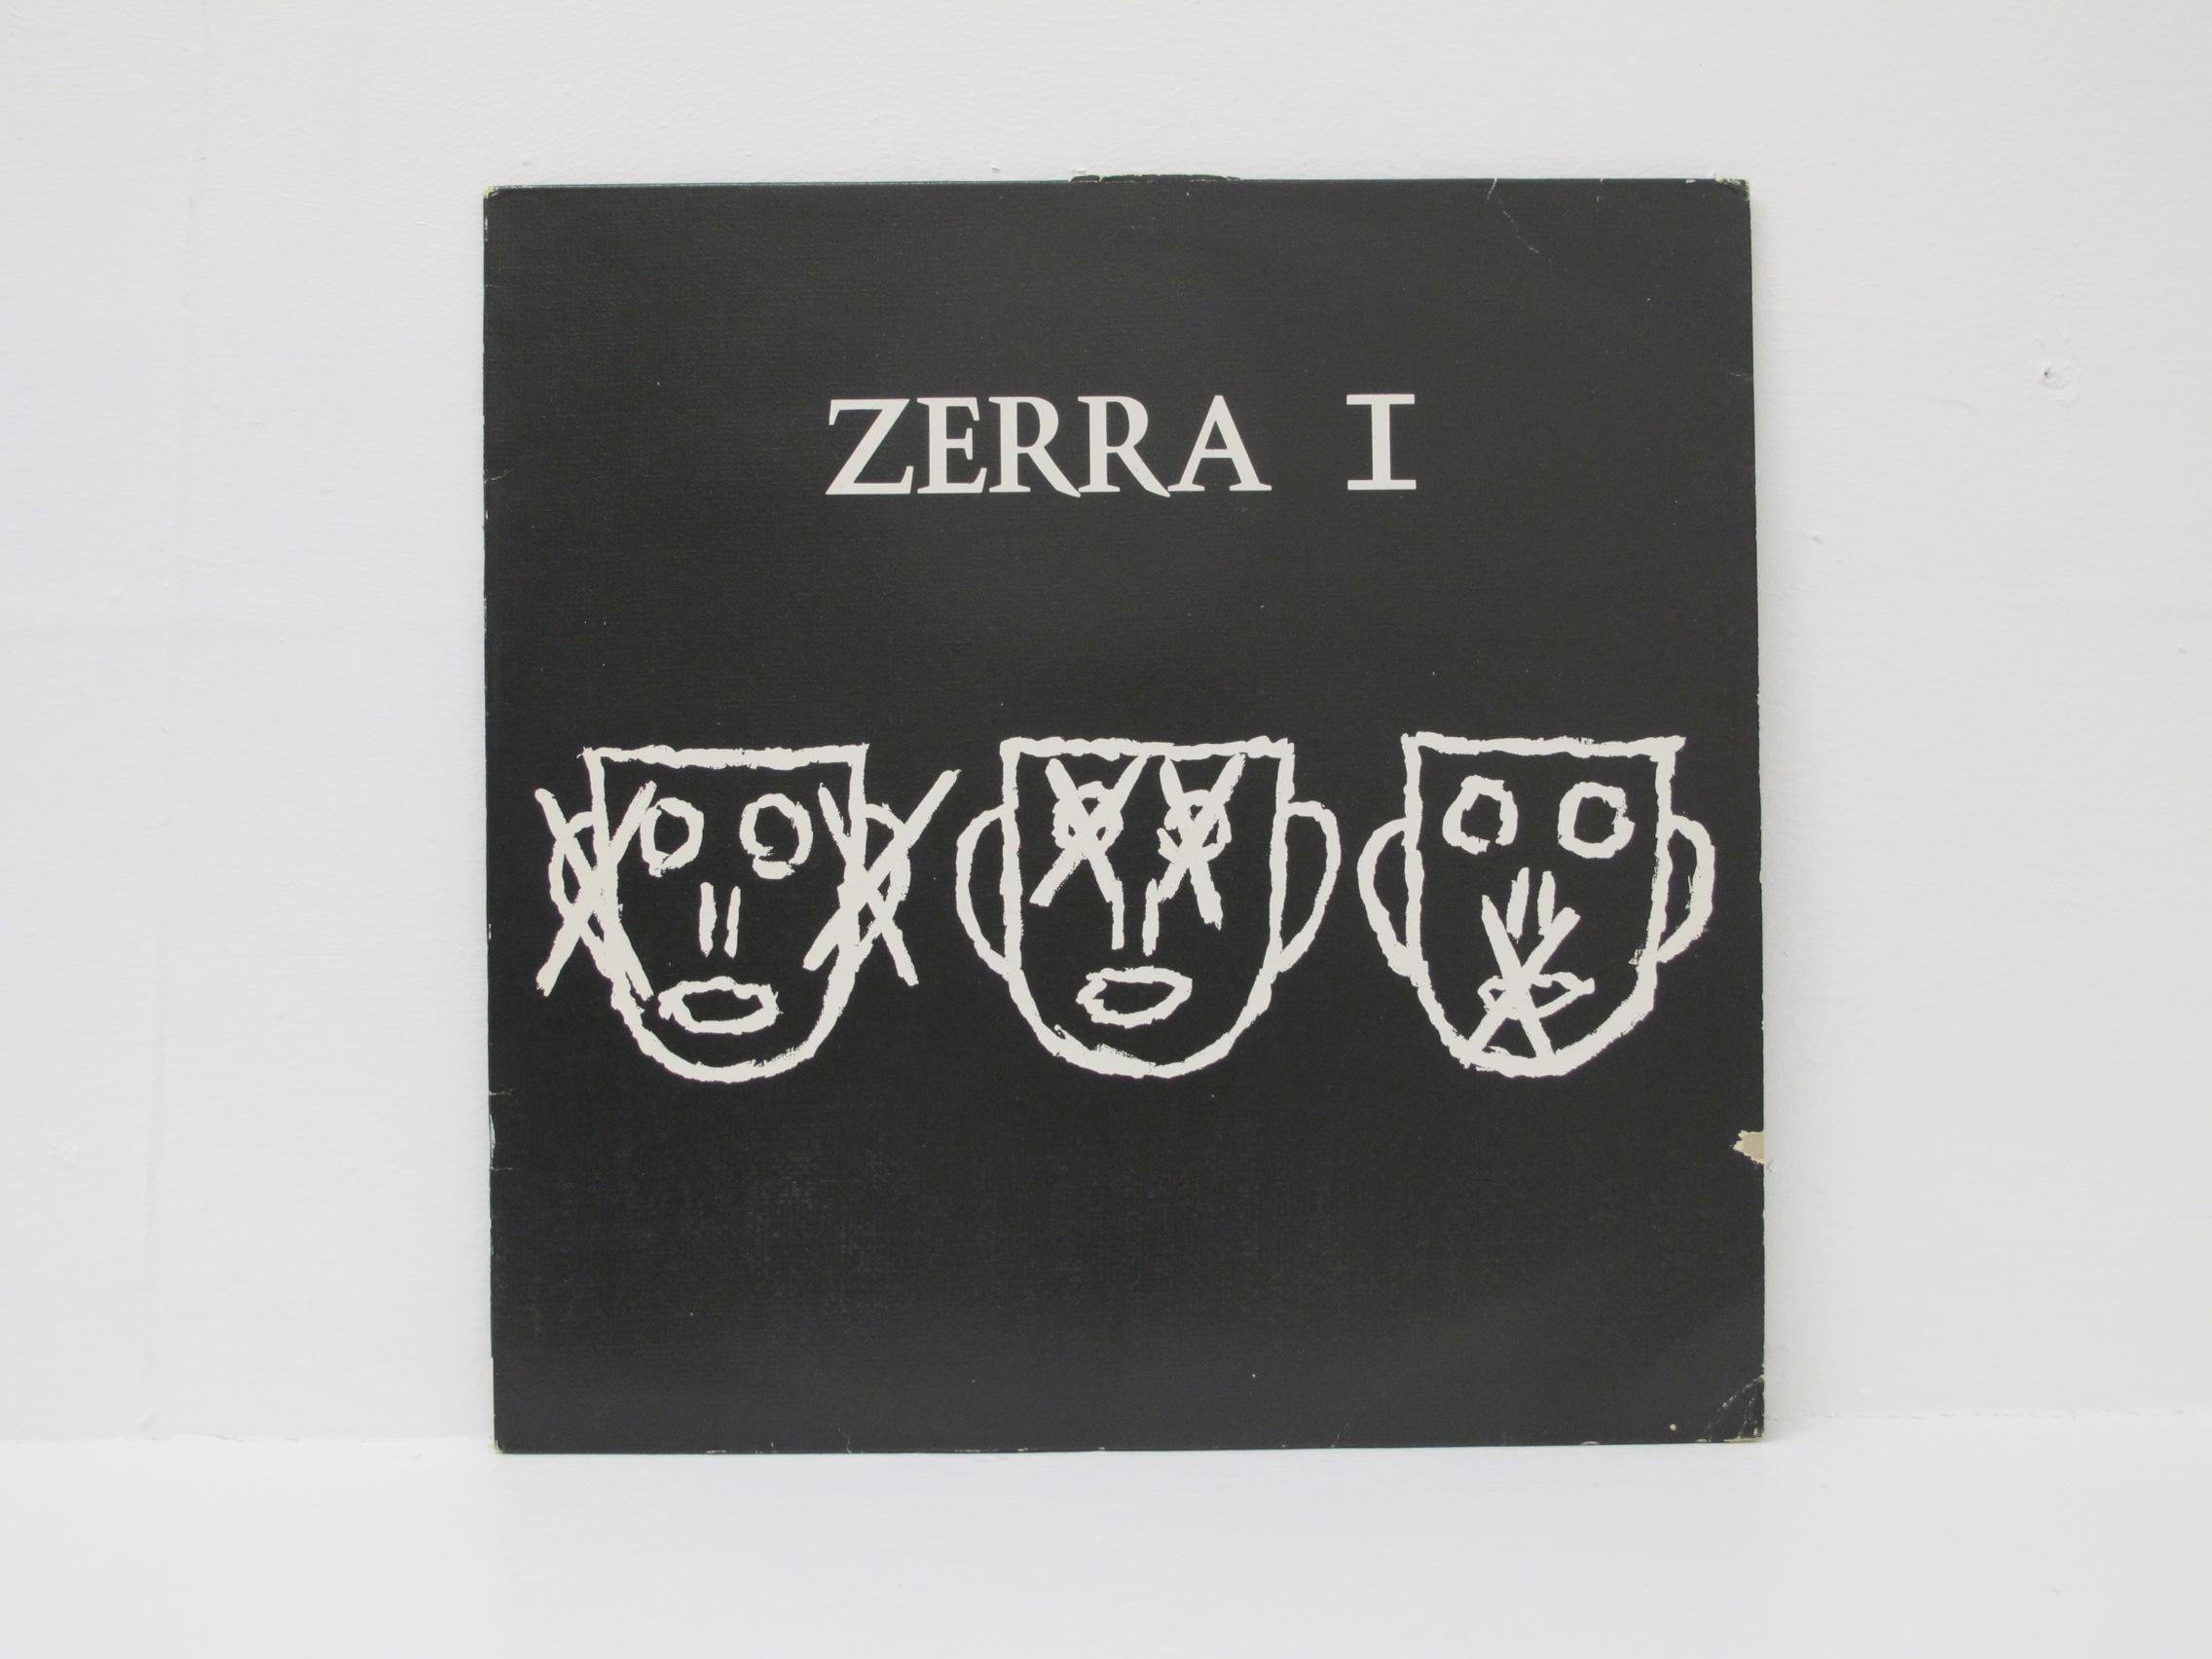 Zerra I - Zerra I